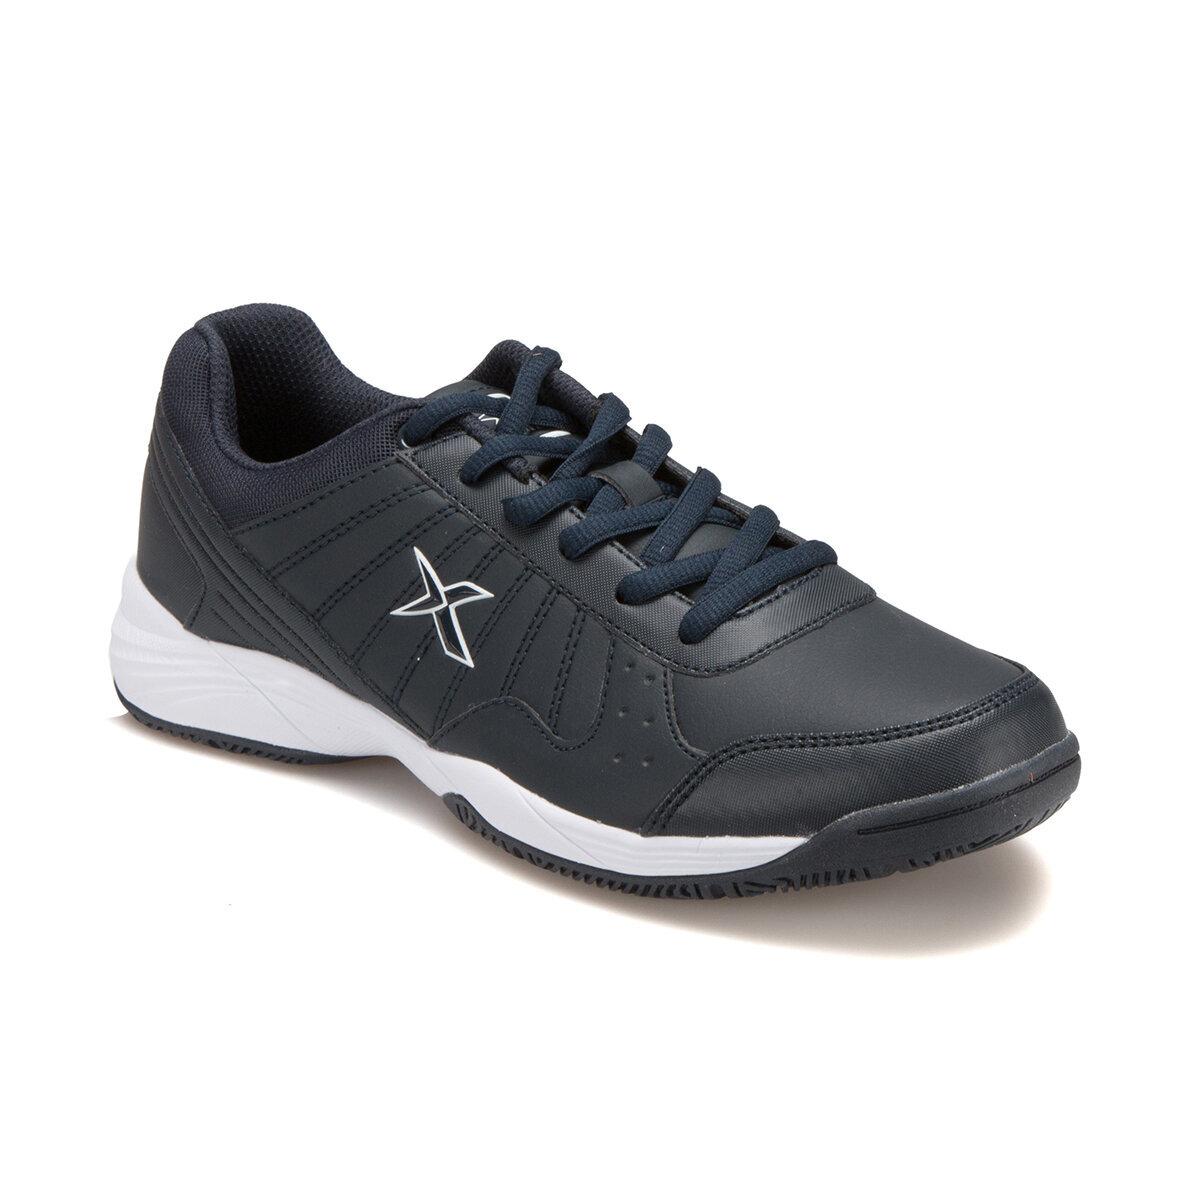 Lacivert Erkek Tenis Ayakkabısı A1282468